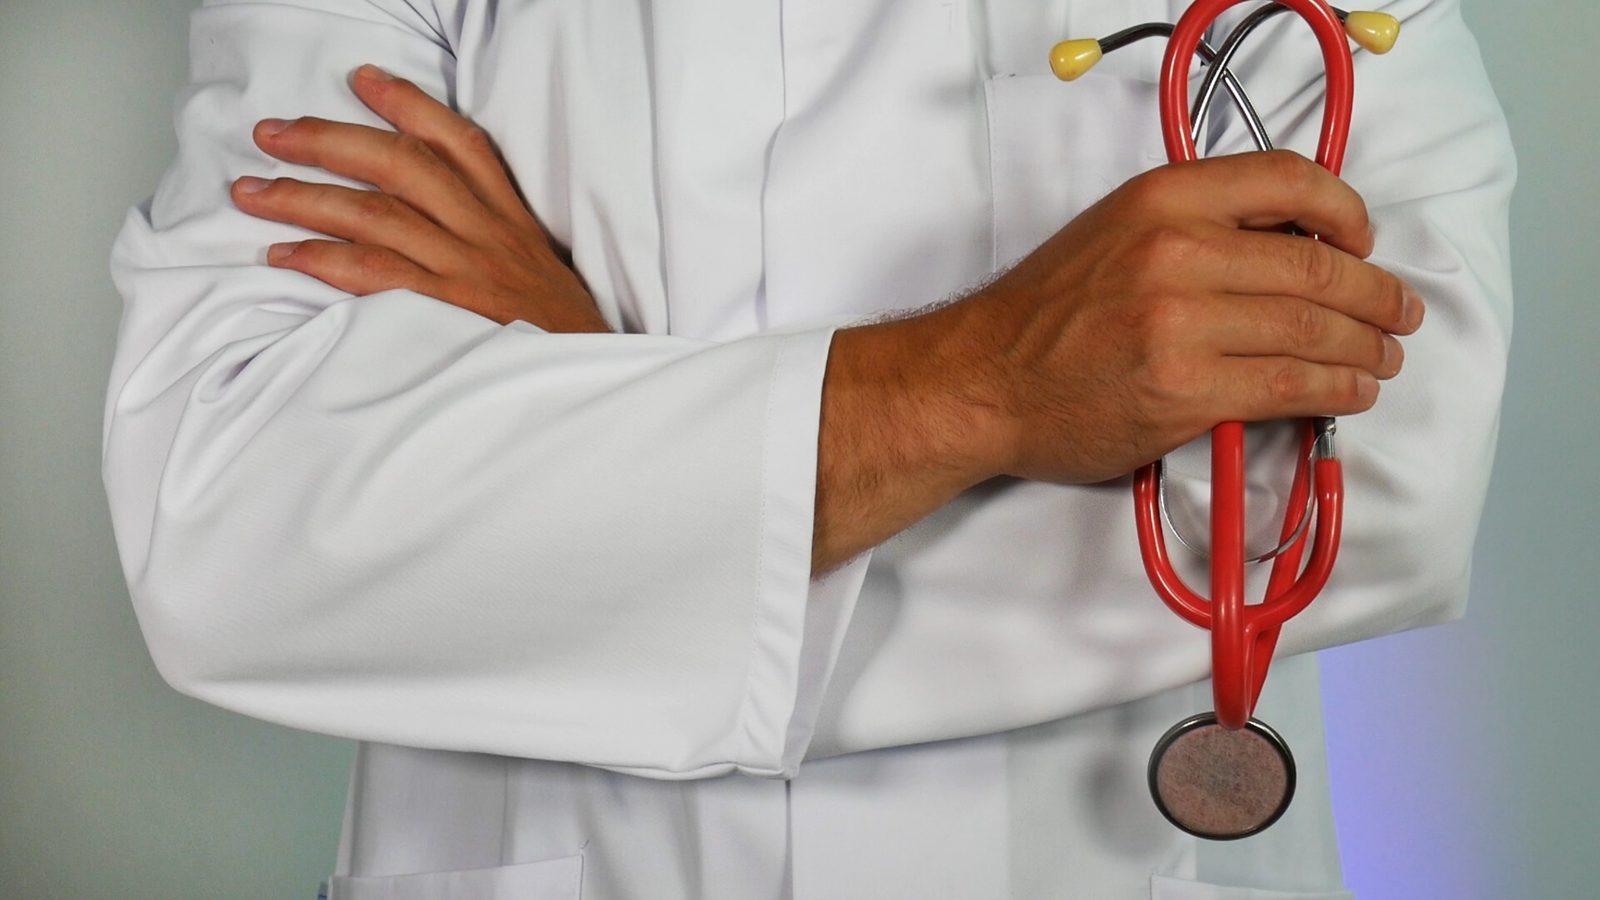 Remplacement des médecins de famille: Un casse-tête pour le milieu de la santé